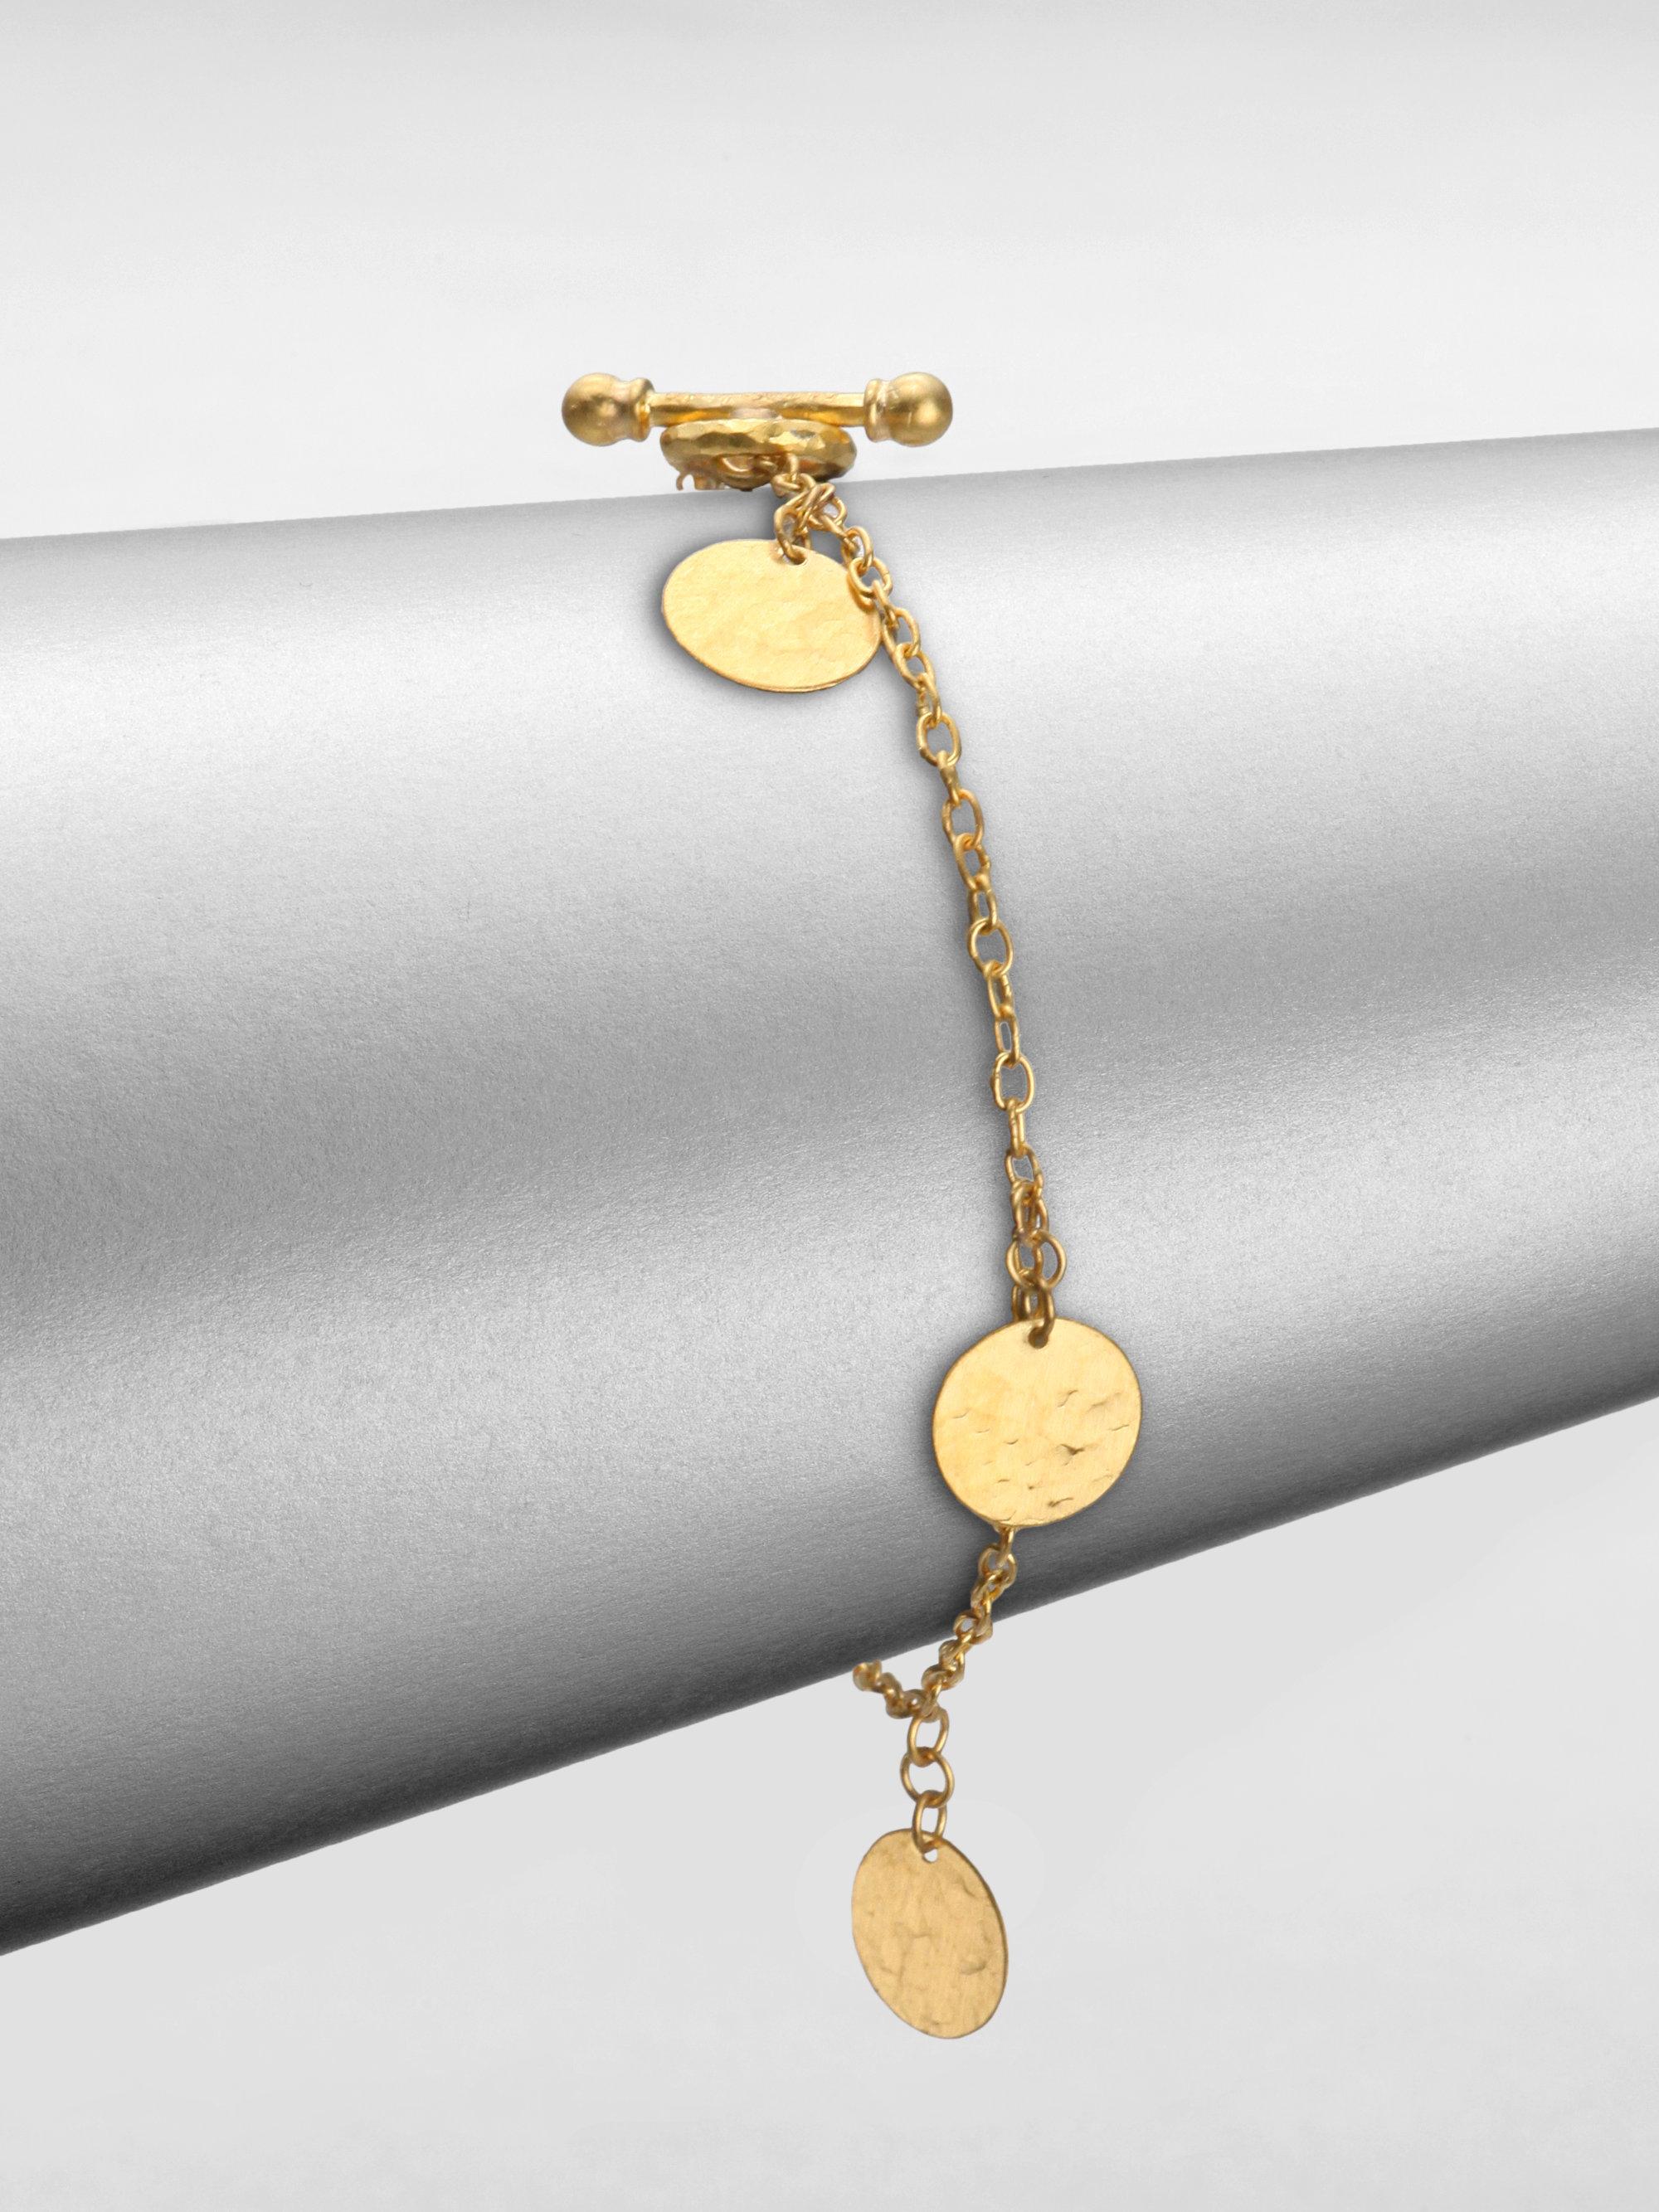 Gurhan 24k Lush Mixed Flake Chain Bracelet GByGzNmI